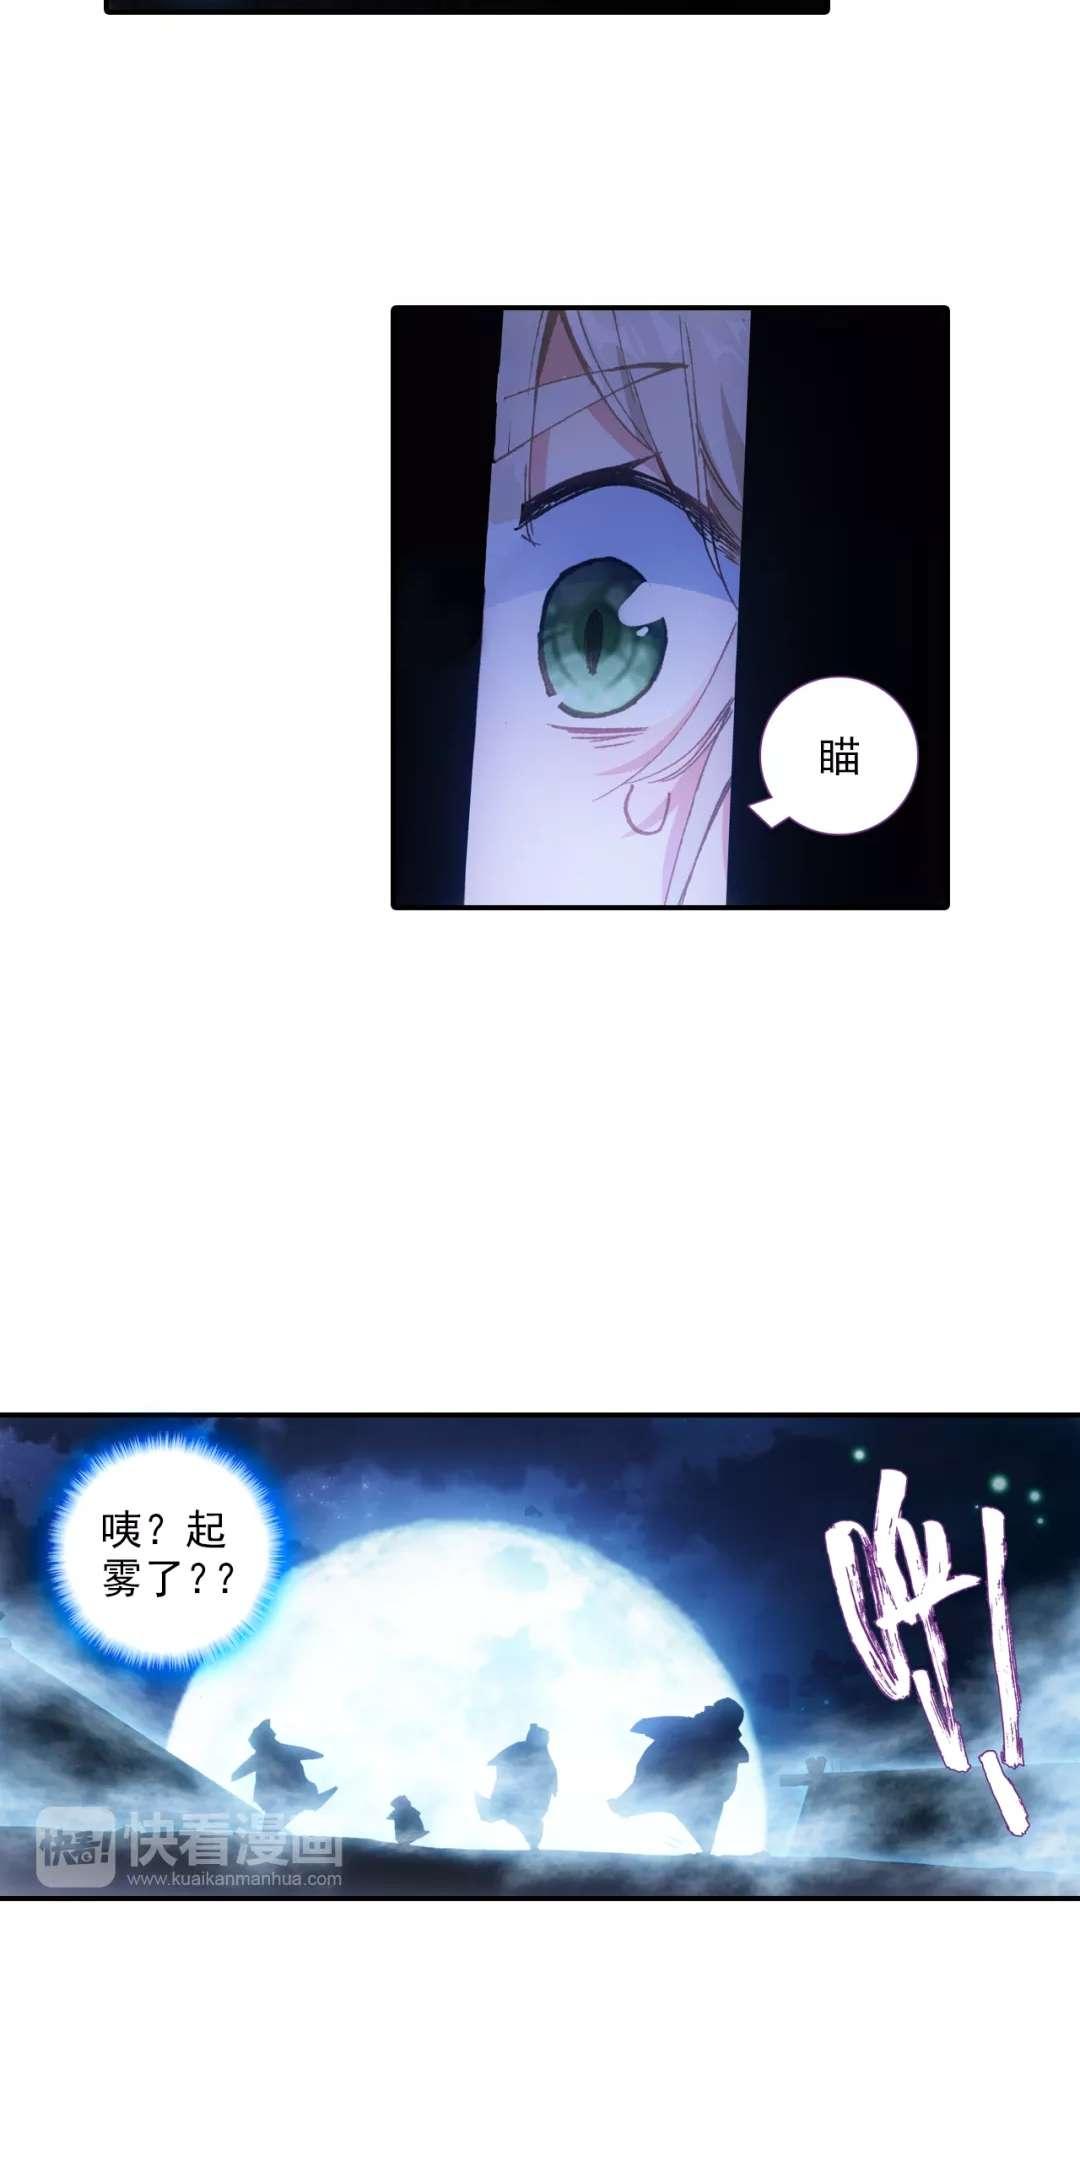 漫画更新     一念永恒    第三话(下)